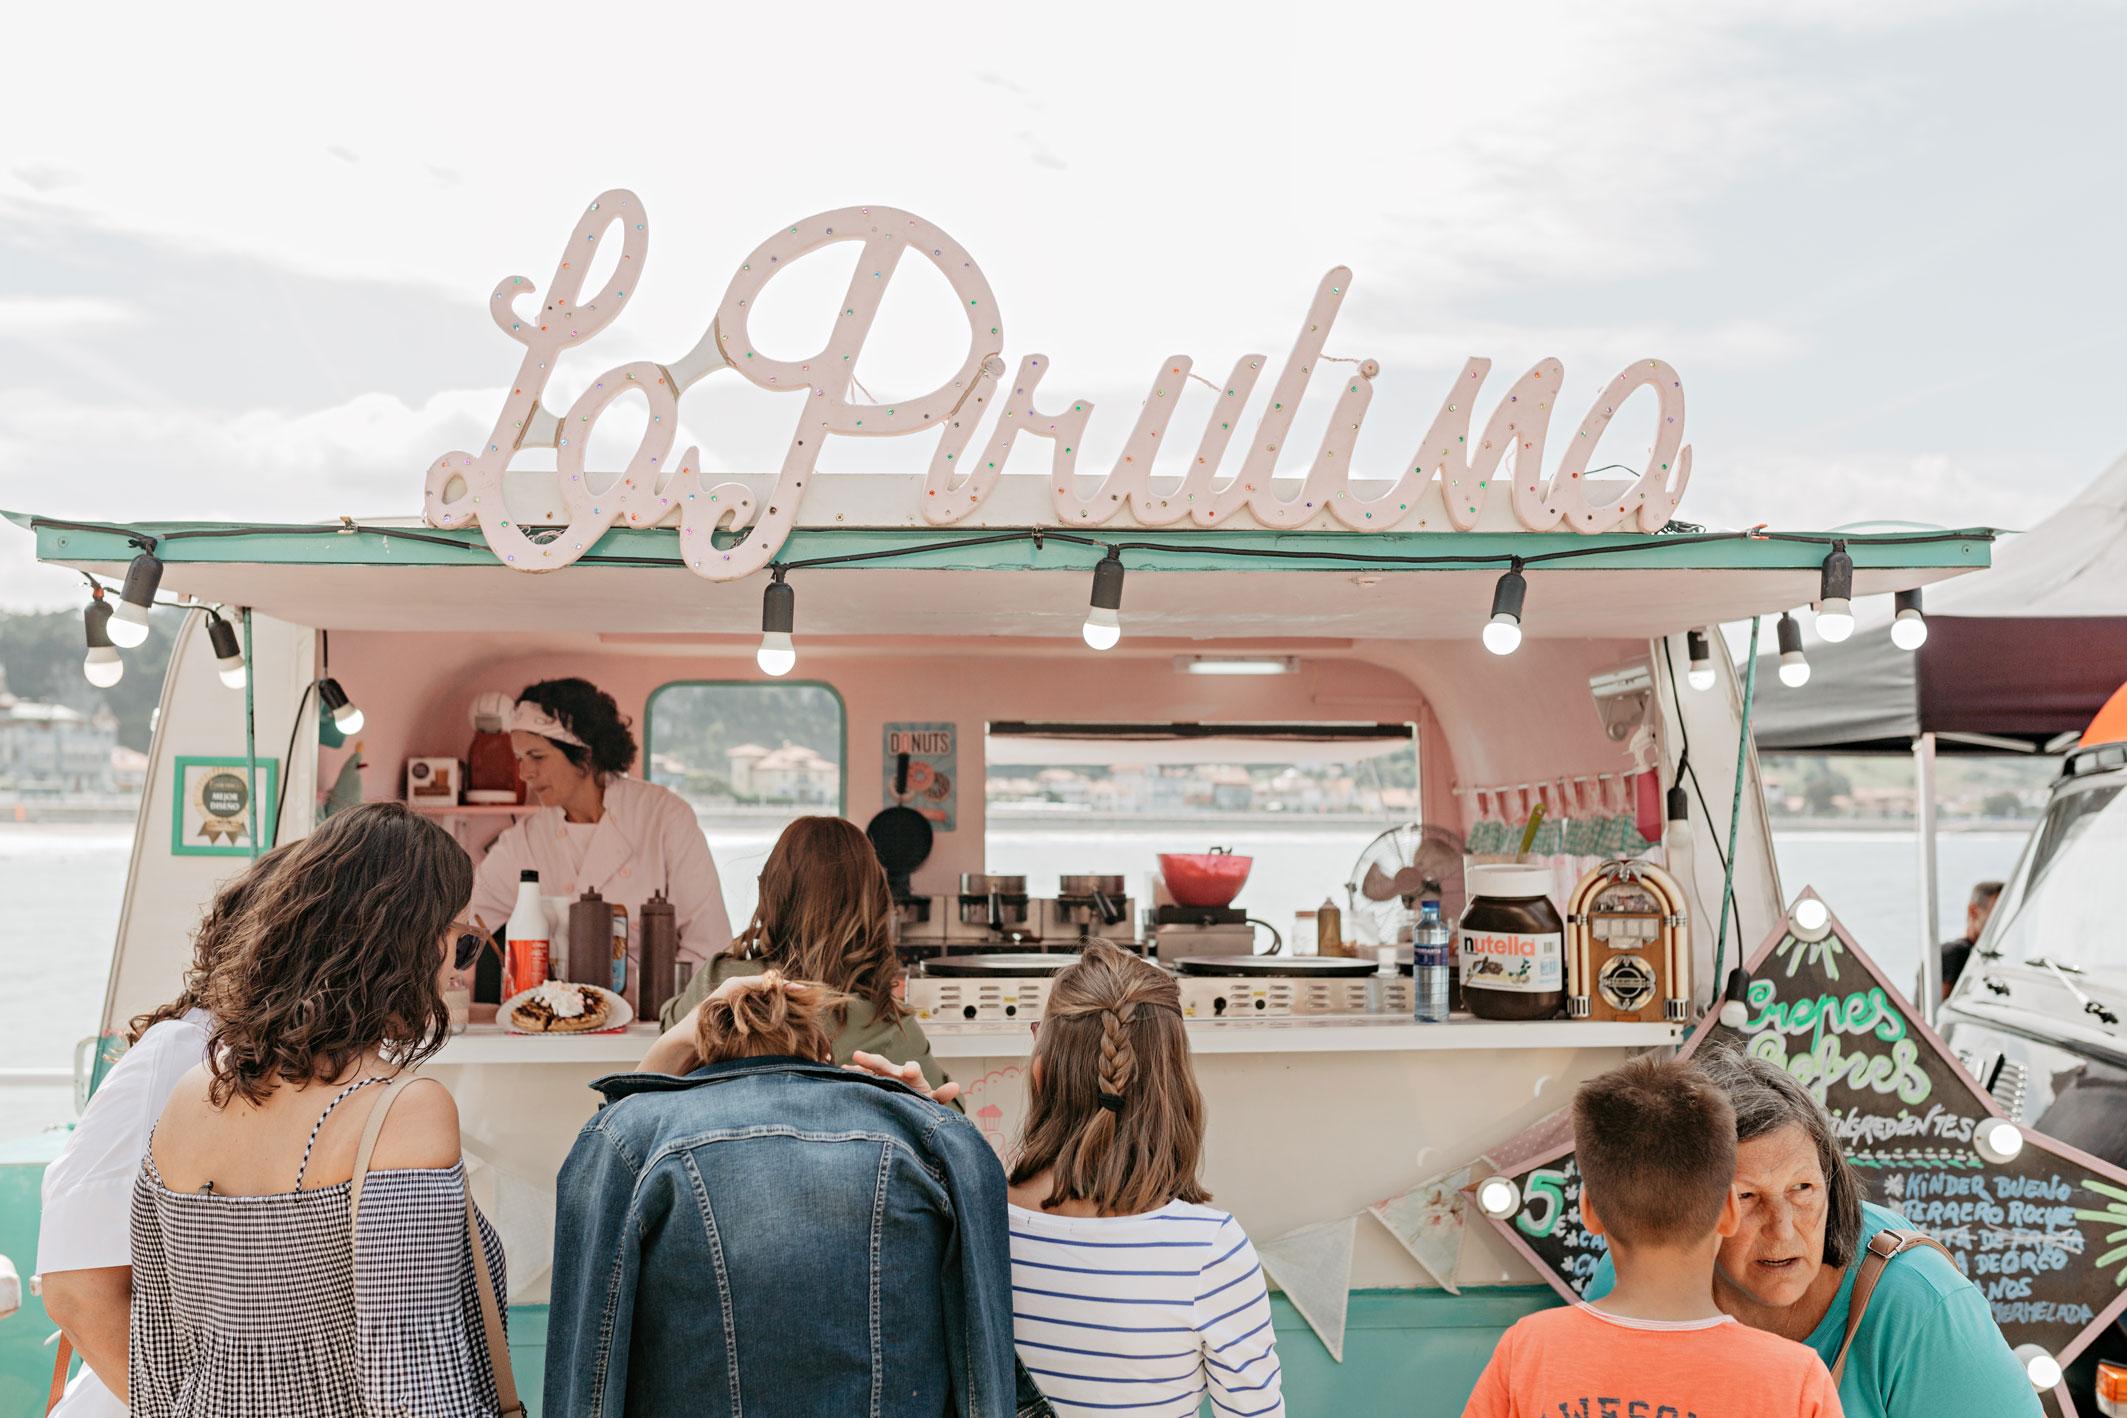 Festival de food trucks